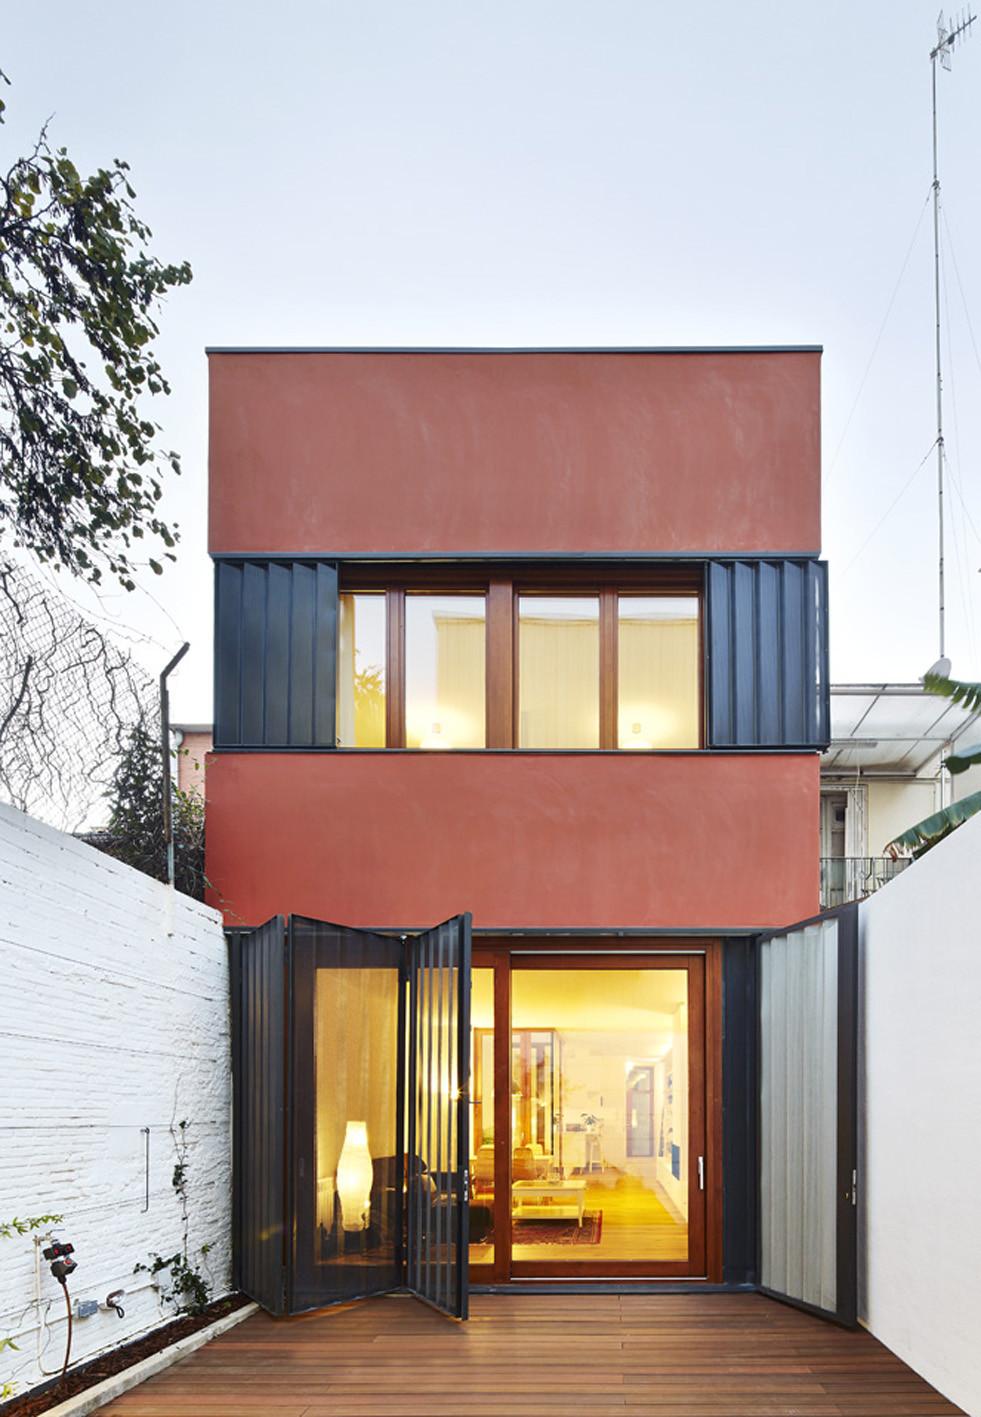 Vertical Patio House Estudi Nao Archdaily